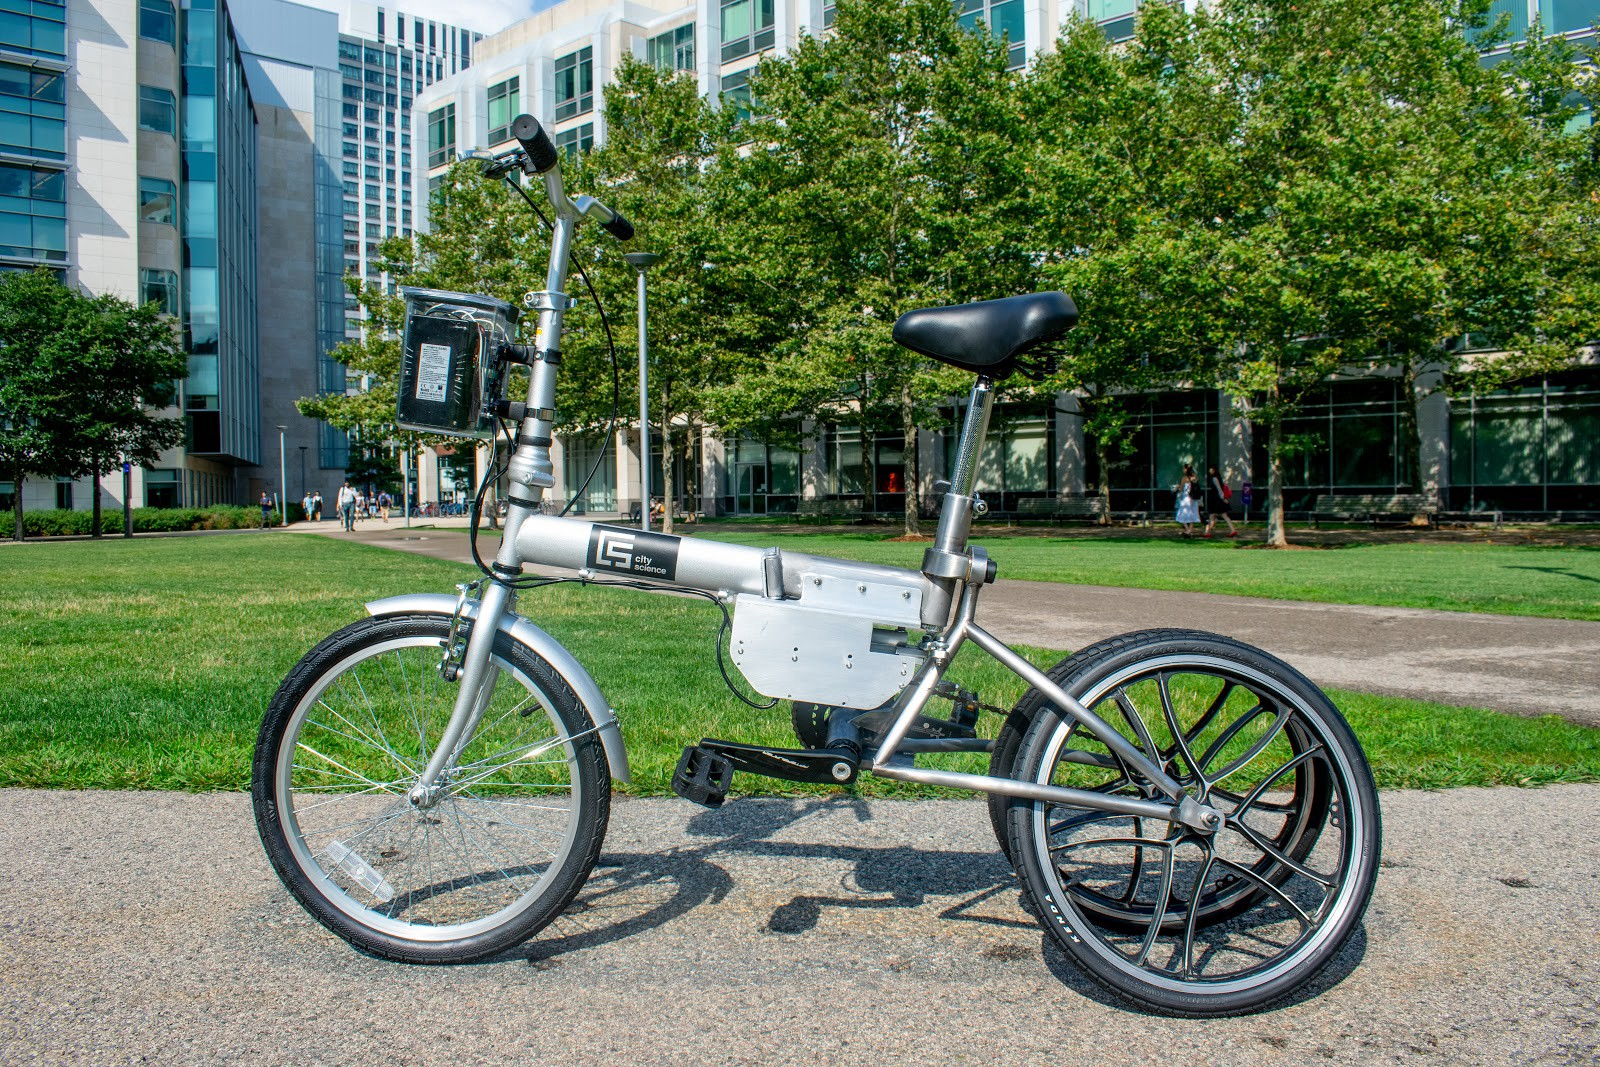 Coucou les fainéants, voici le vélo autonome qui vient à vous